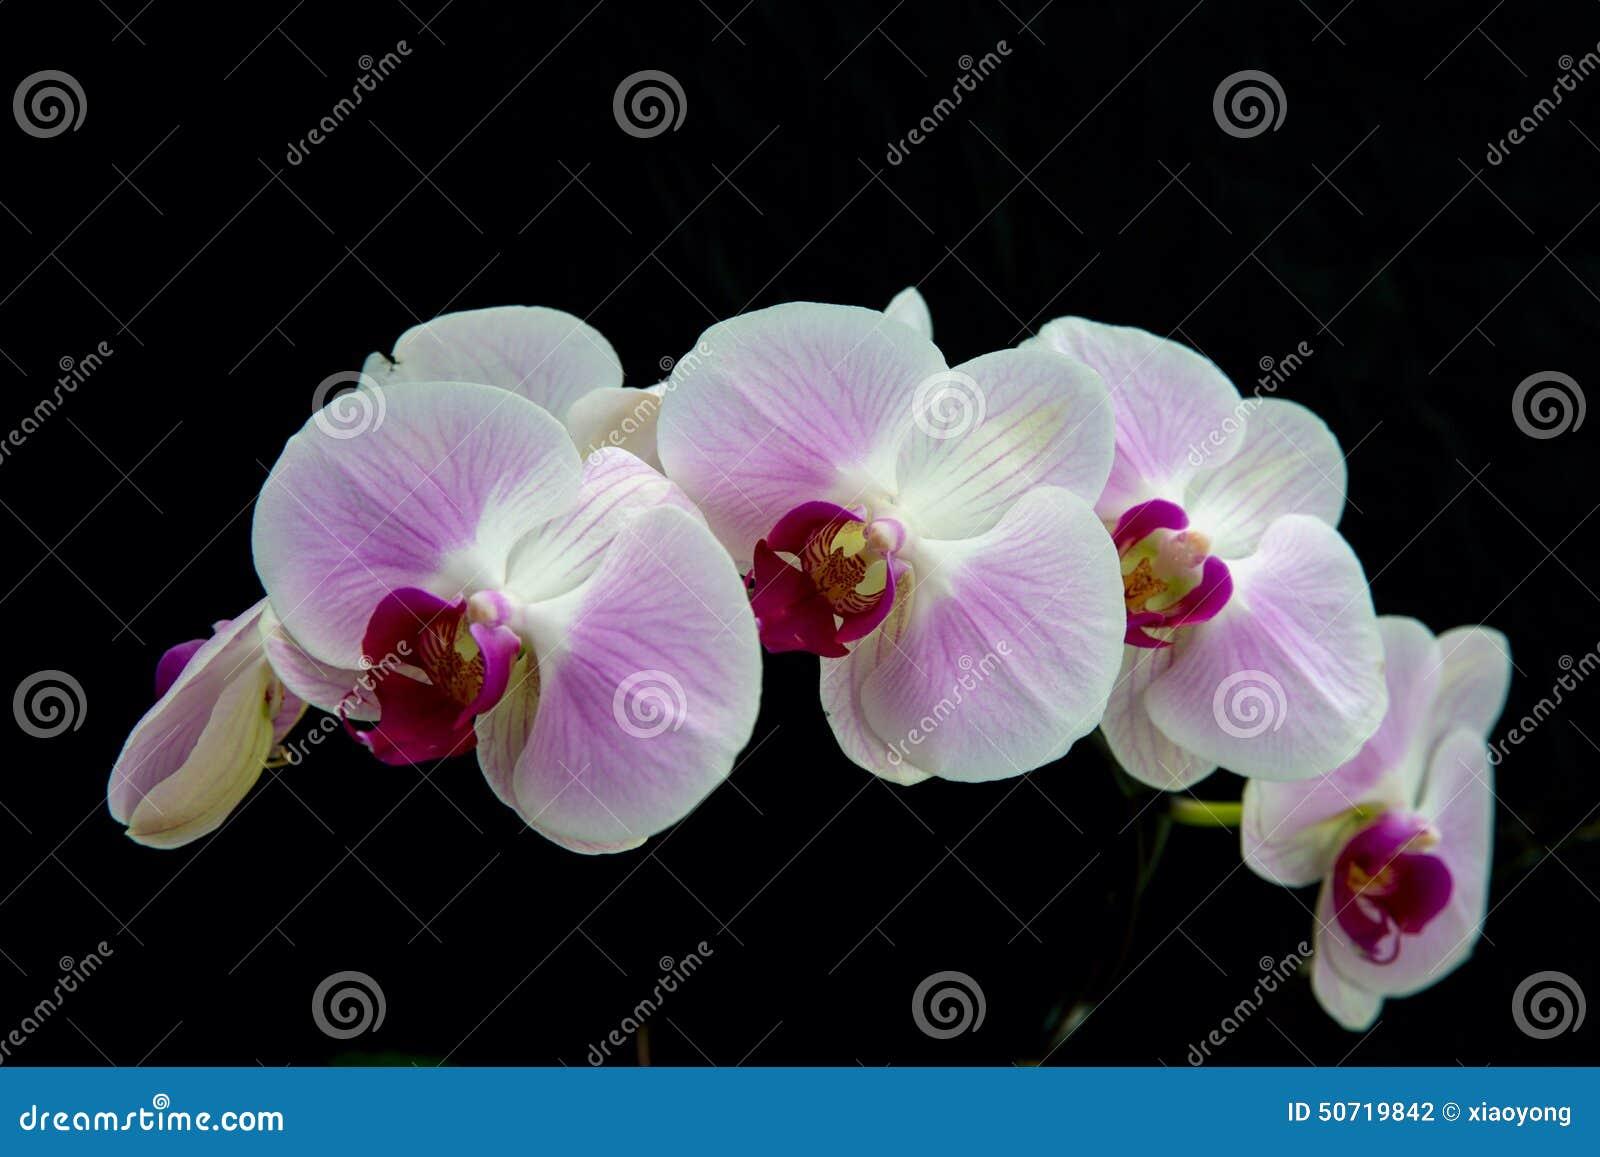 Fleur Blanche D Orchidee Avec Le Fond Noir Photo Stock Image Du